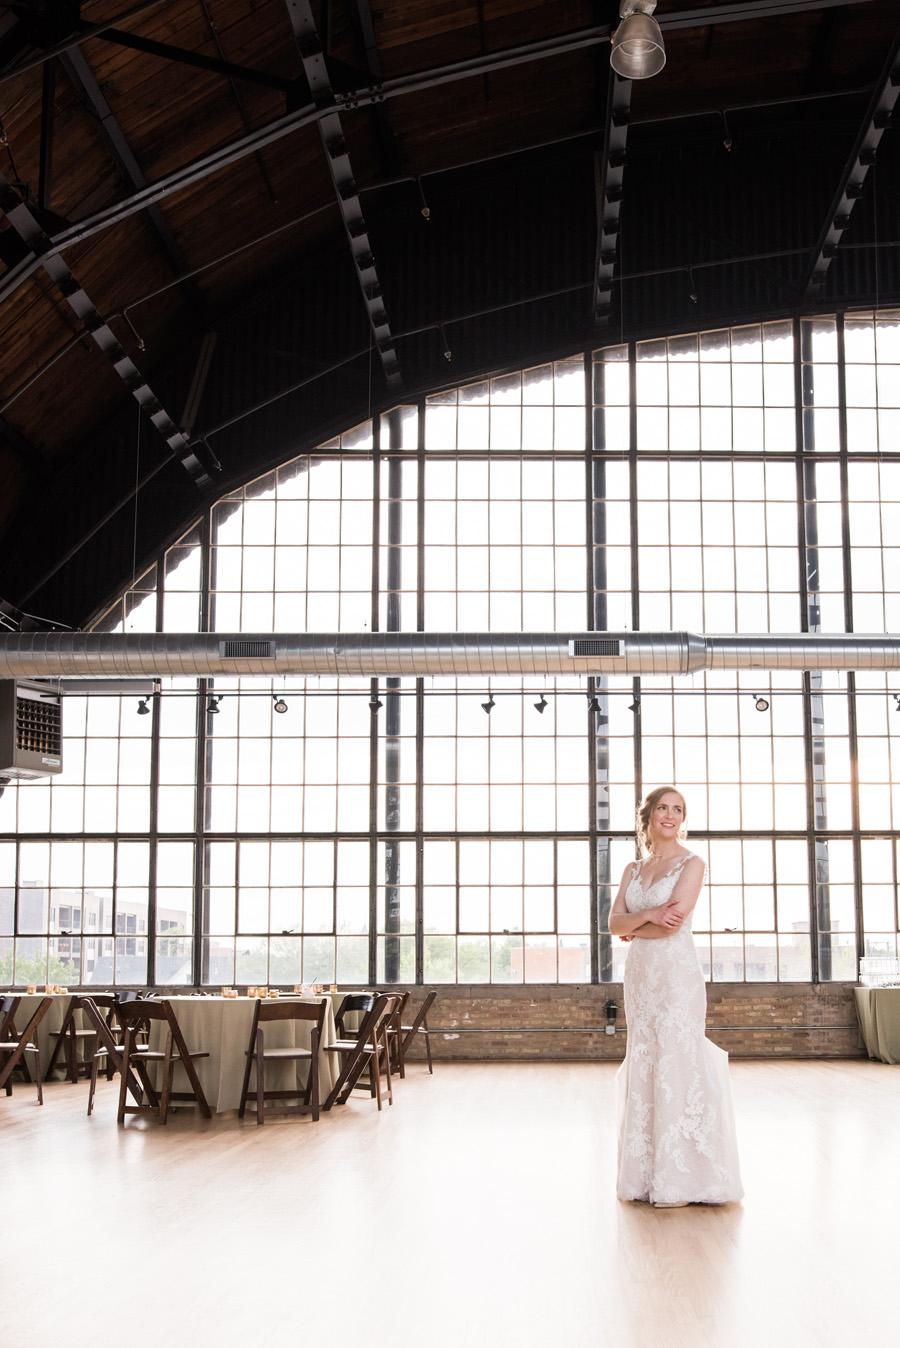 Portrait of bride at Ravenswood event center.